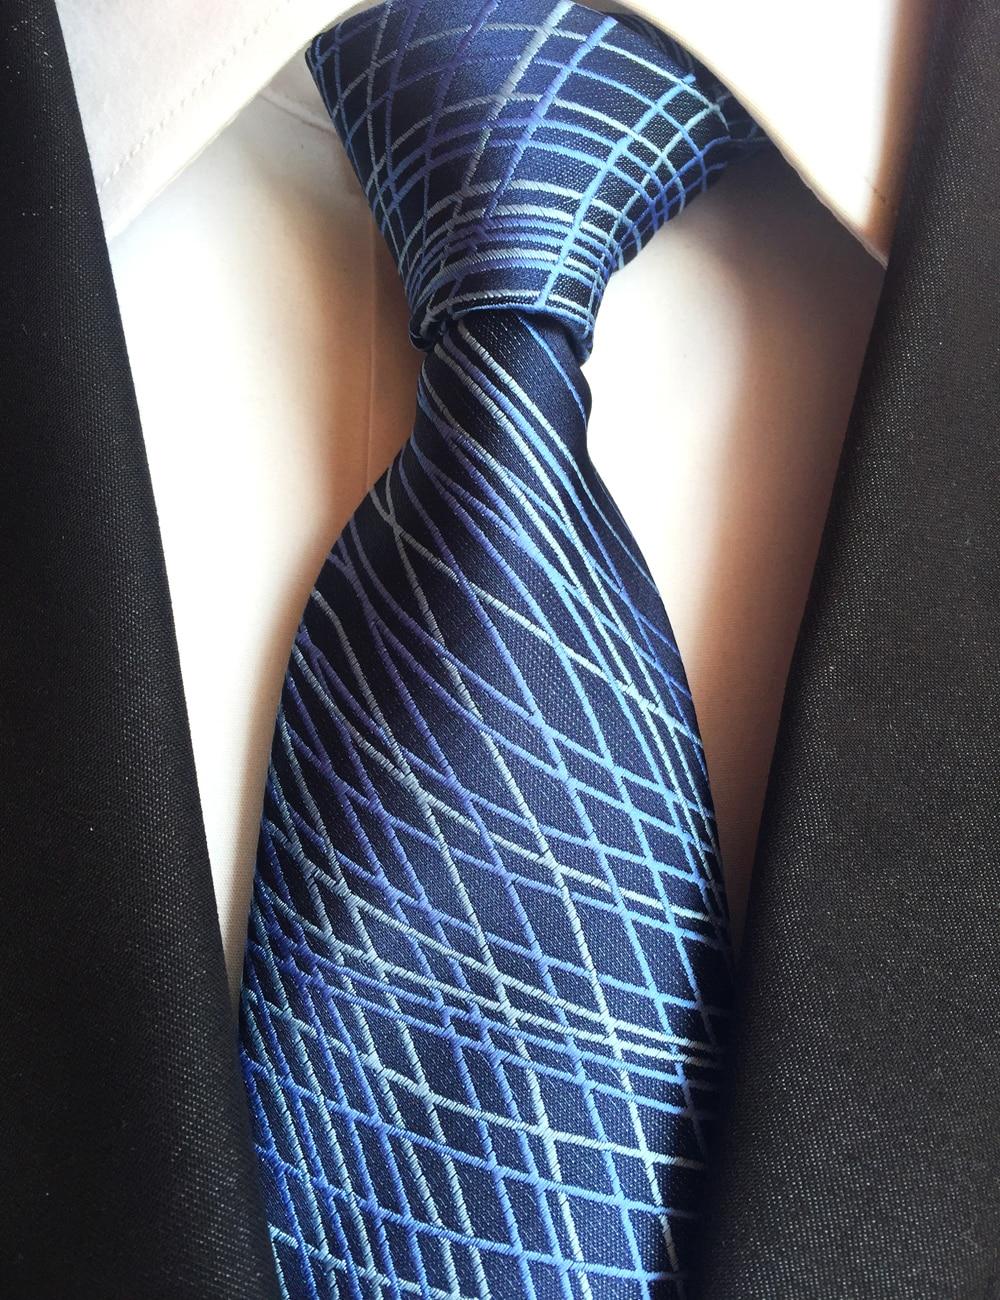 Lingyao NOUVELLE 8 cm De Luxe Formelle Cravates Top Élégant Cravate Bleu  Foncé avec Personnalité Rayures (fait de 2400 Points Shinny Fil) 0cd41929b99